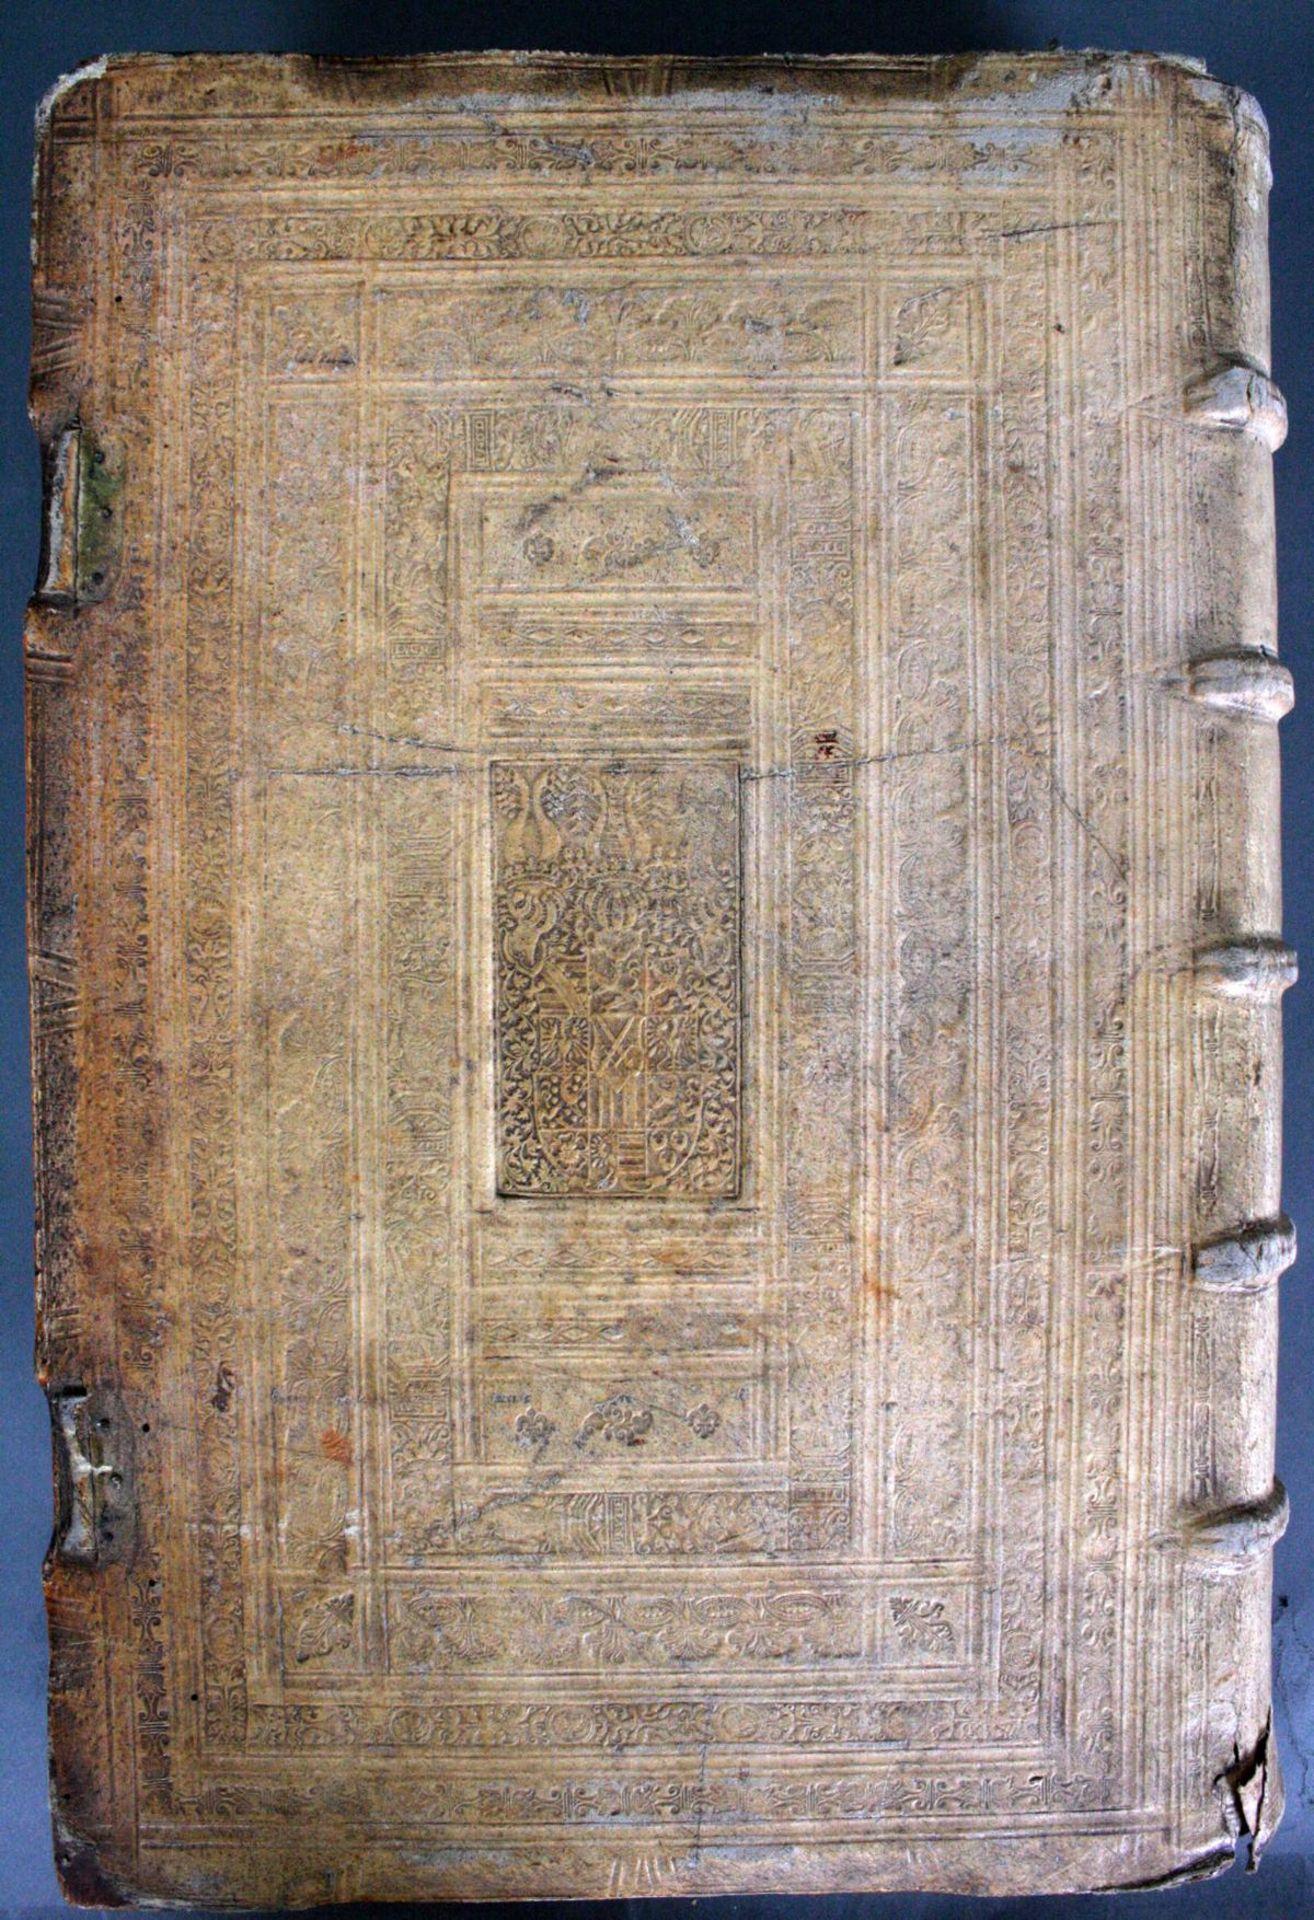 Griechische-Lateinische Bibel, Novum Testamentum 1582 - Bild 21 aus 23